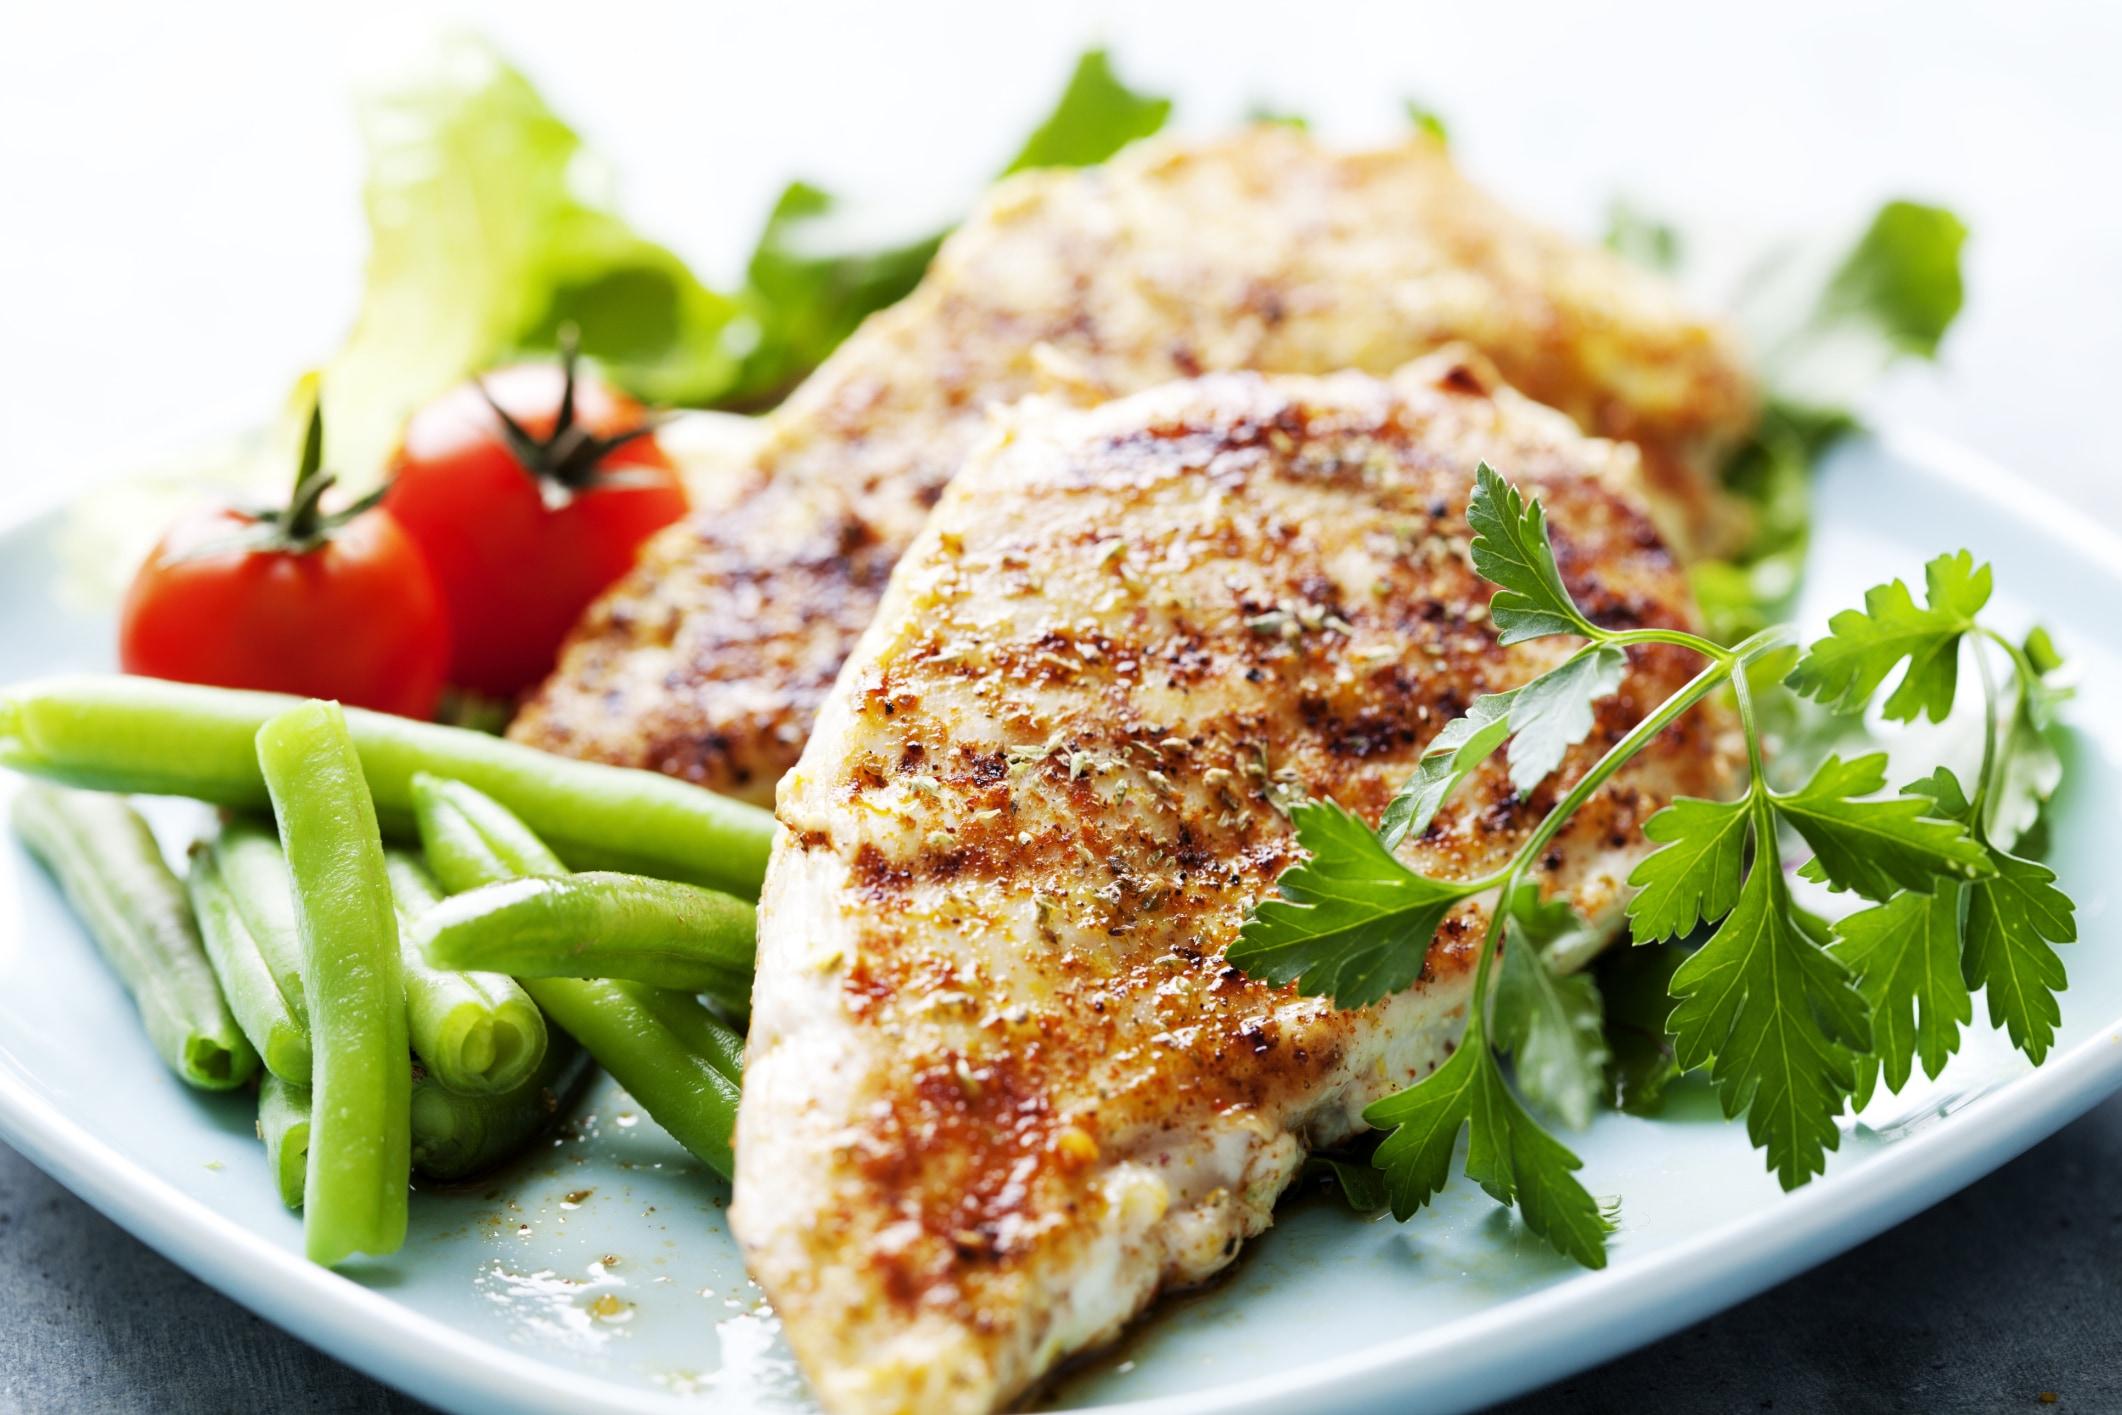 Képtelen vagy lefogyni? Lehet, hogy nem jó diétával próbálkozol! | kerepesiek.hu